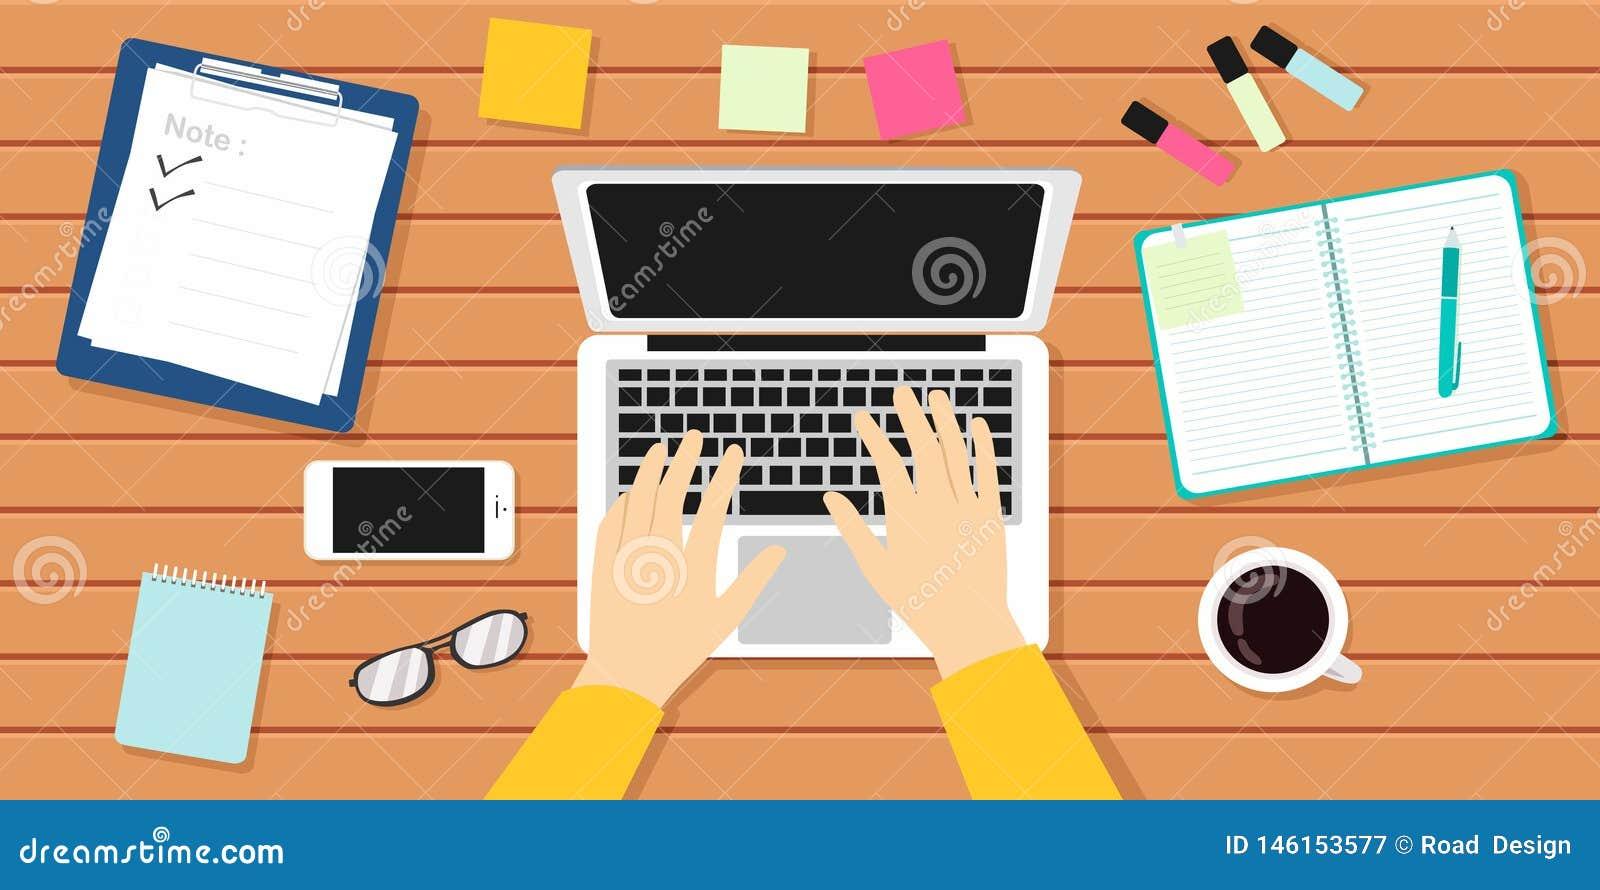 Διανυσματική απεικόνιση εργασιακών χώρων συγγραφέων Συντάκτης, δημοσιογράφος, lap-top